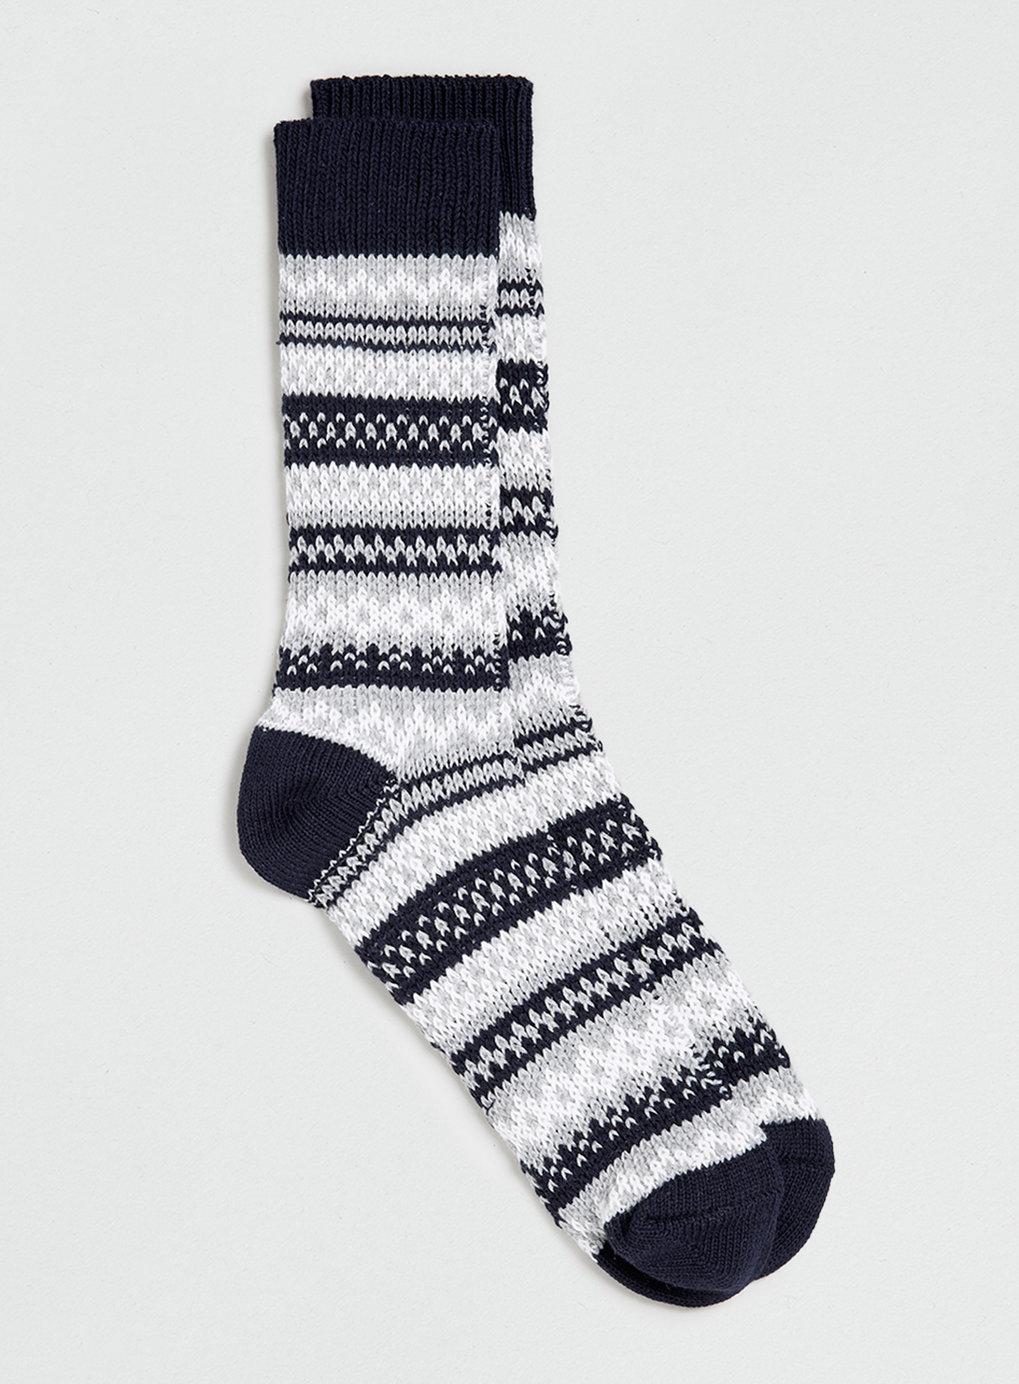 Navy Winter Fairisle Boot Socks , was $12, now  $9.60